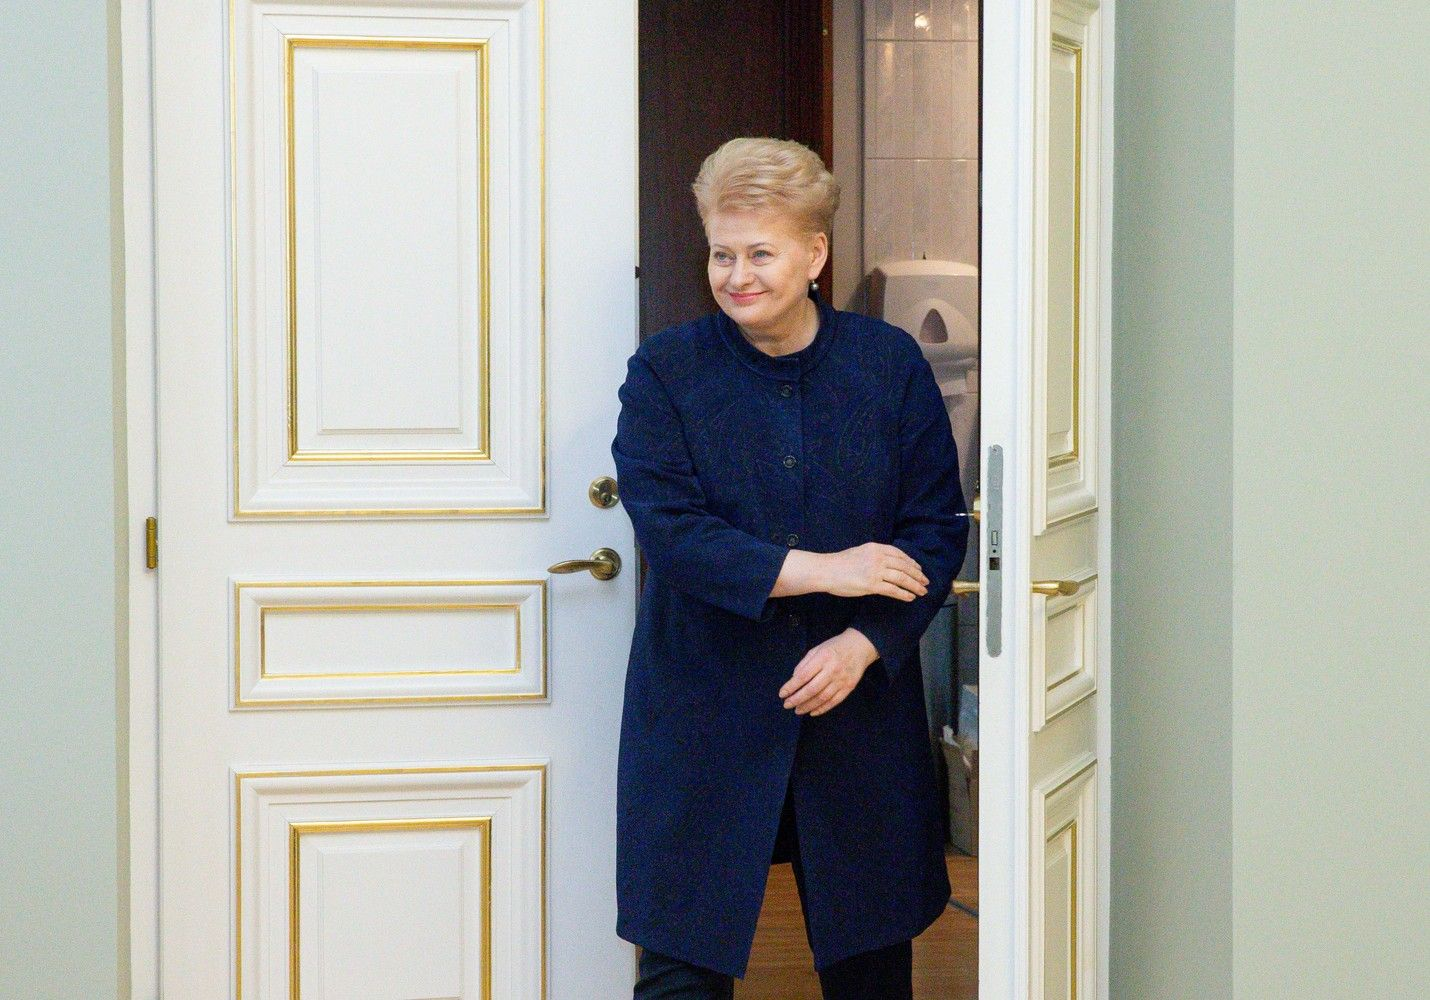 Baigdama kadenciją prezidentė lankysis Davose, Varšuvoje, Tokijuje, Vatikane